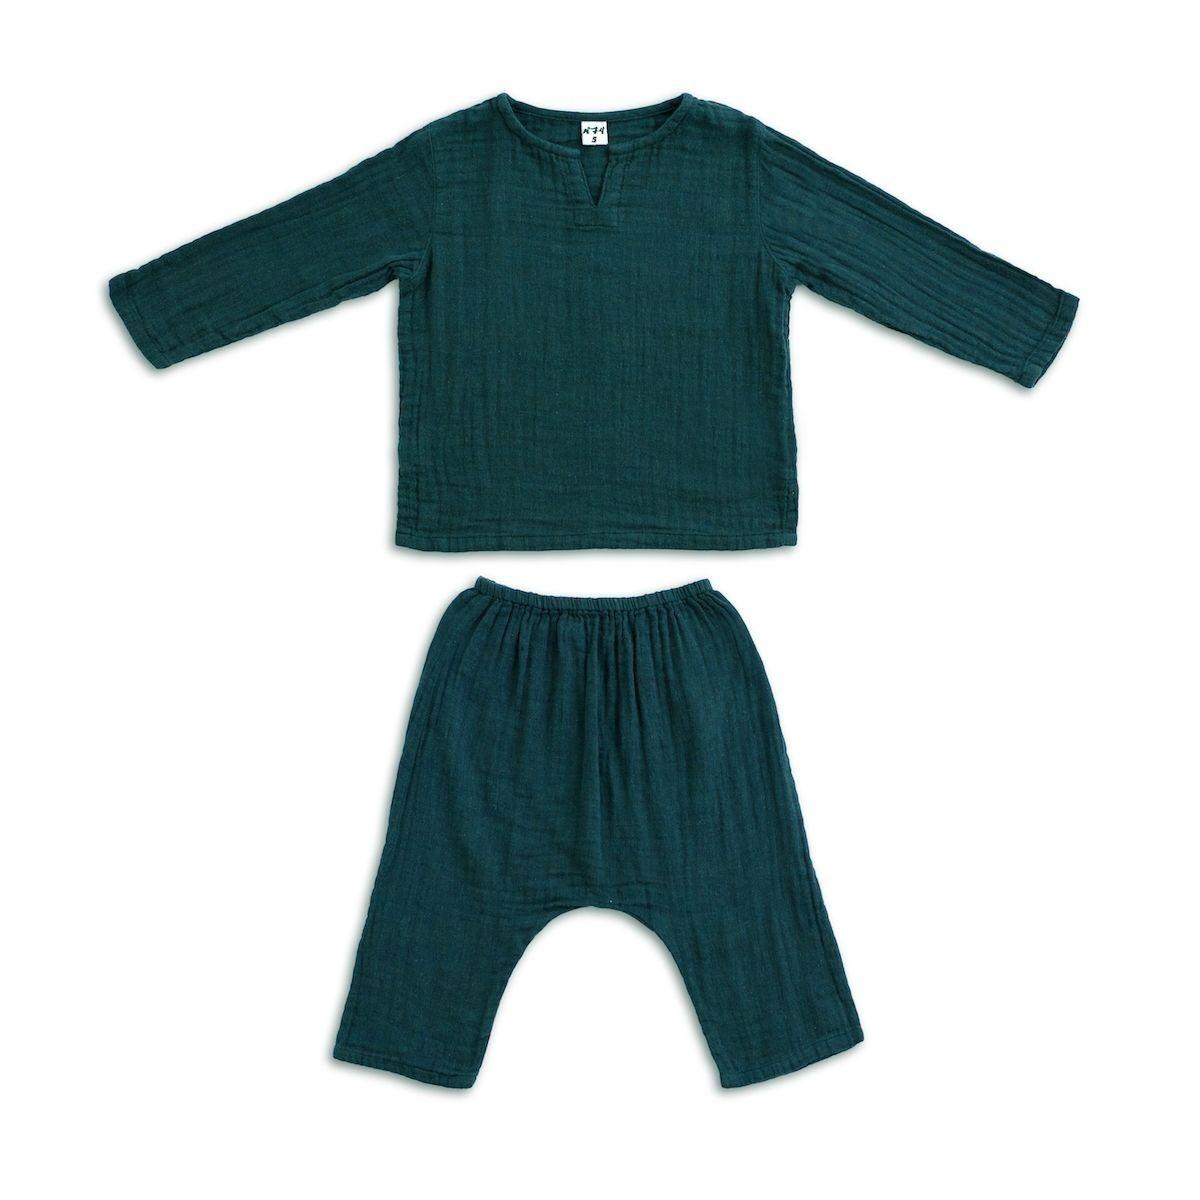 Suit Zac shirt & pants teal blue - Numero 74